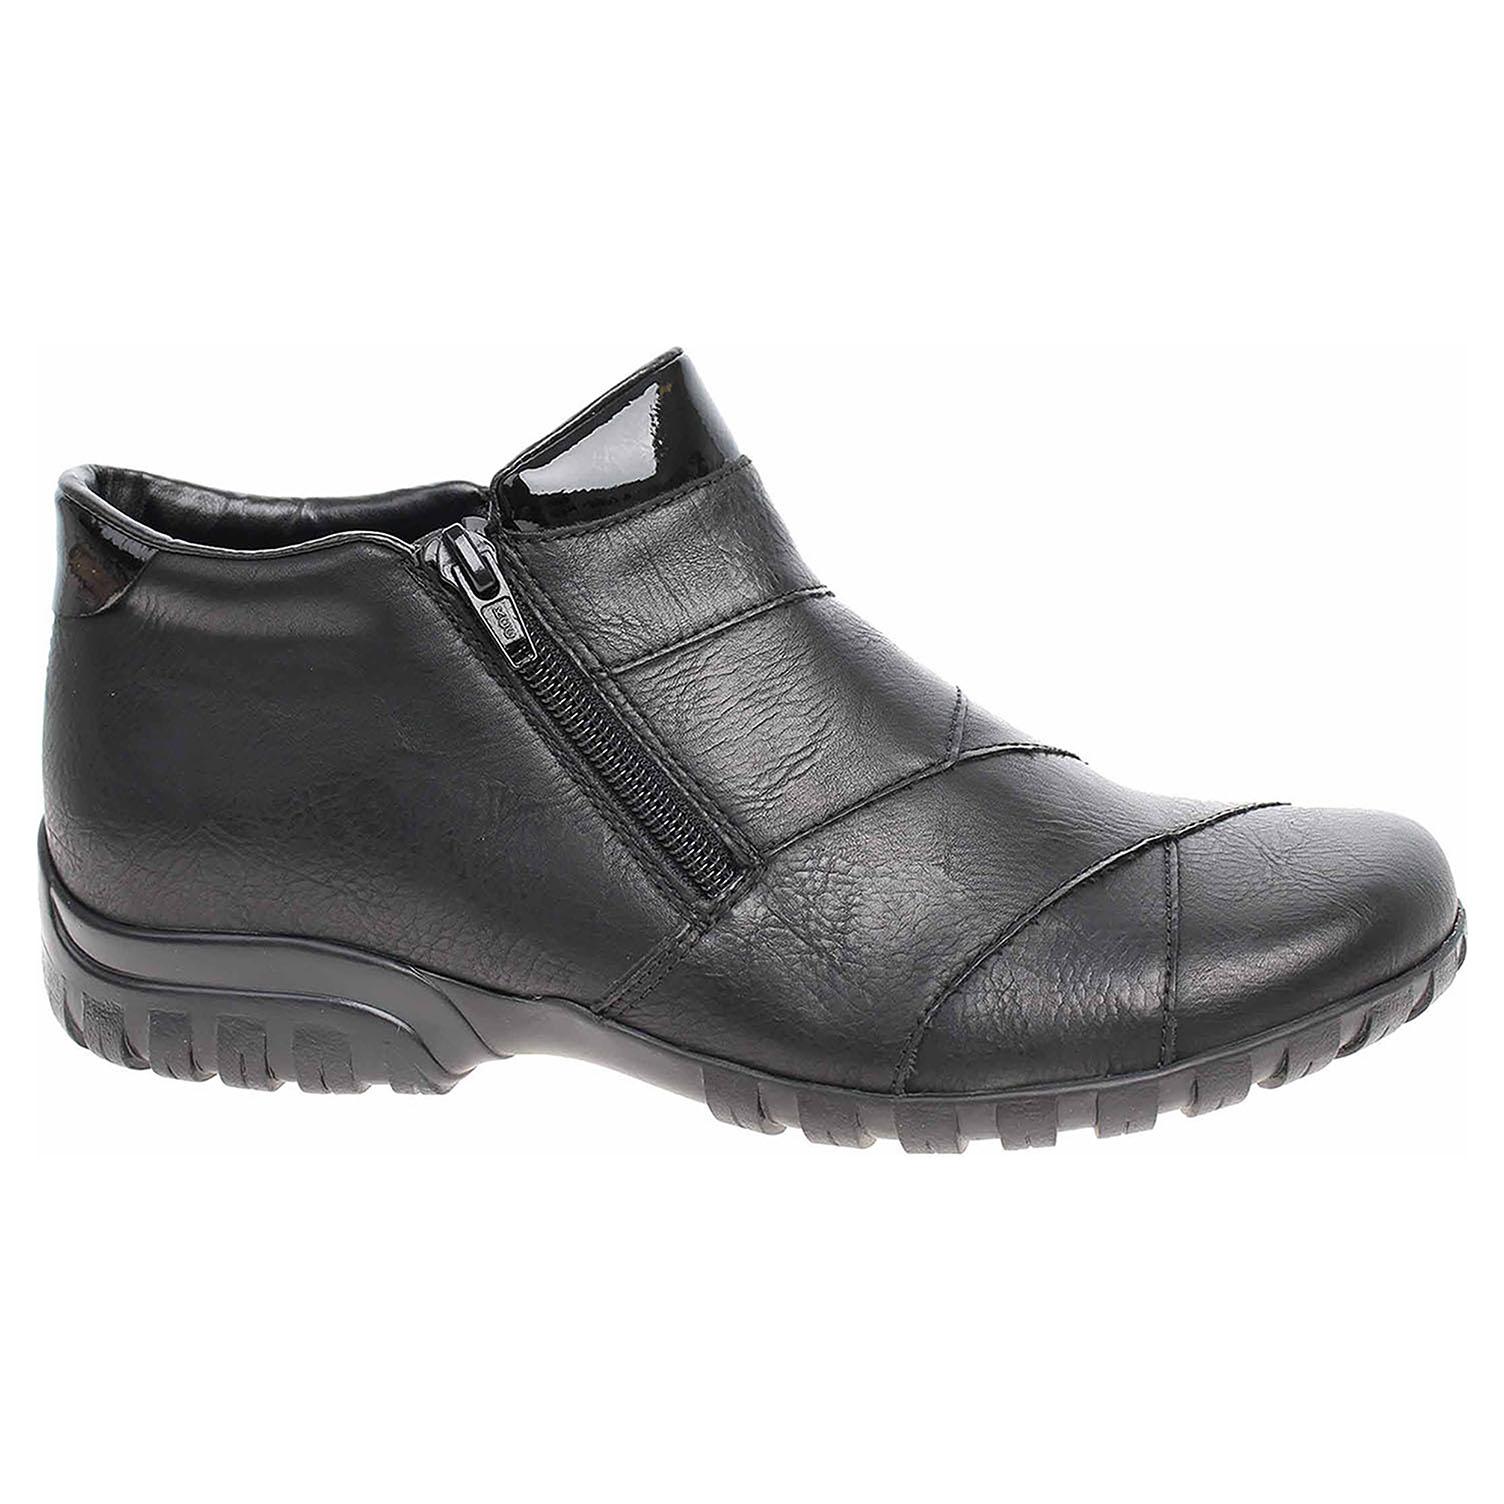 Dámská kotníková obuv Rieker L4673-01 schwarz L4673-01 39